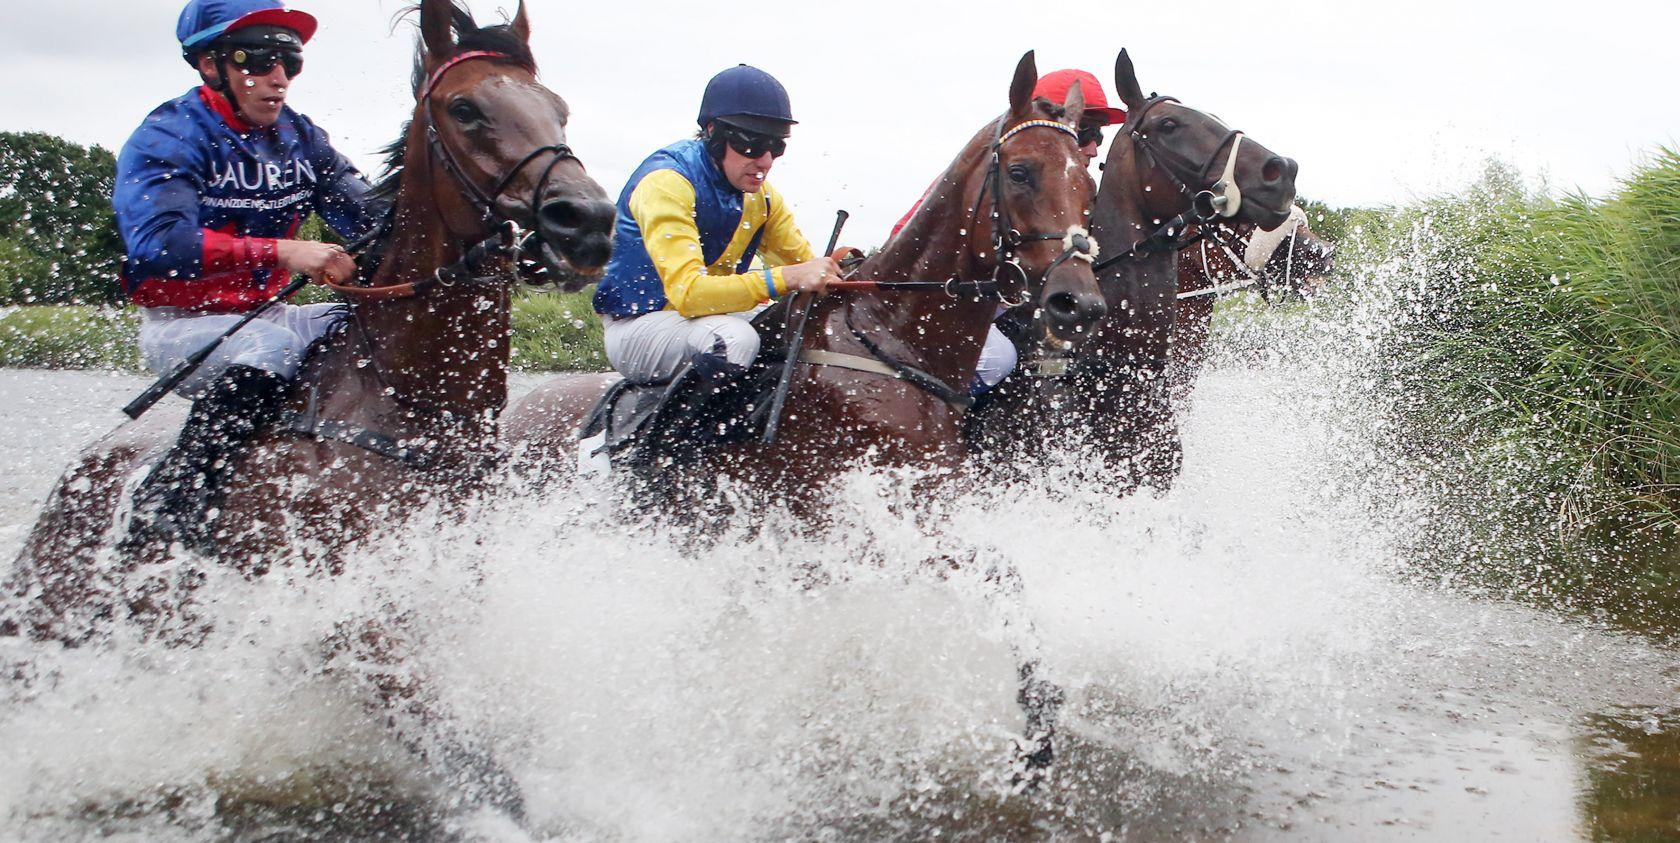 Aus Rennpferd wird Seepferd - Seejagdrennen am 5. Juli 2018